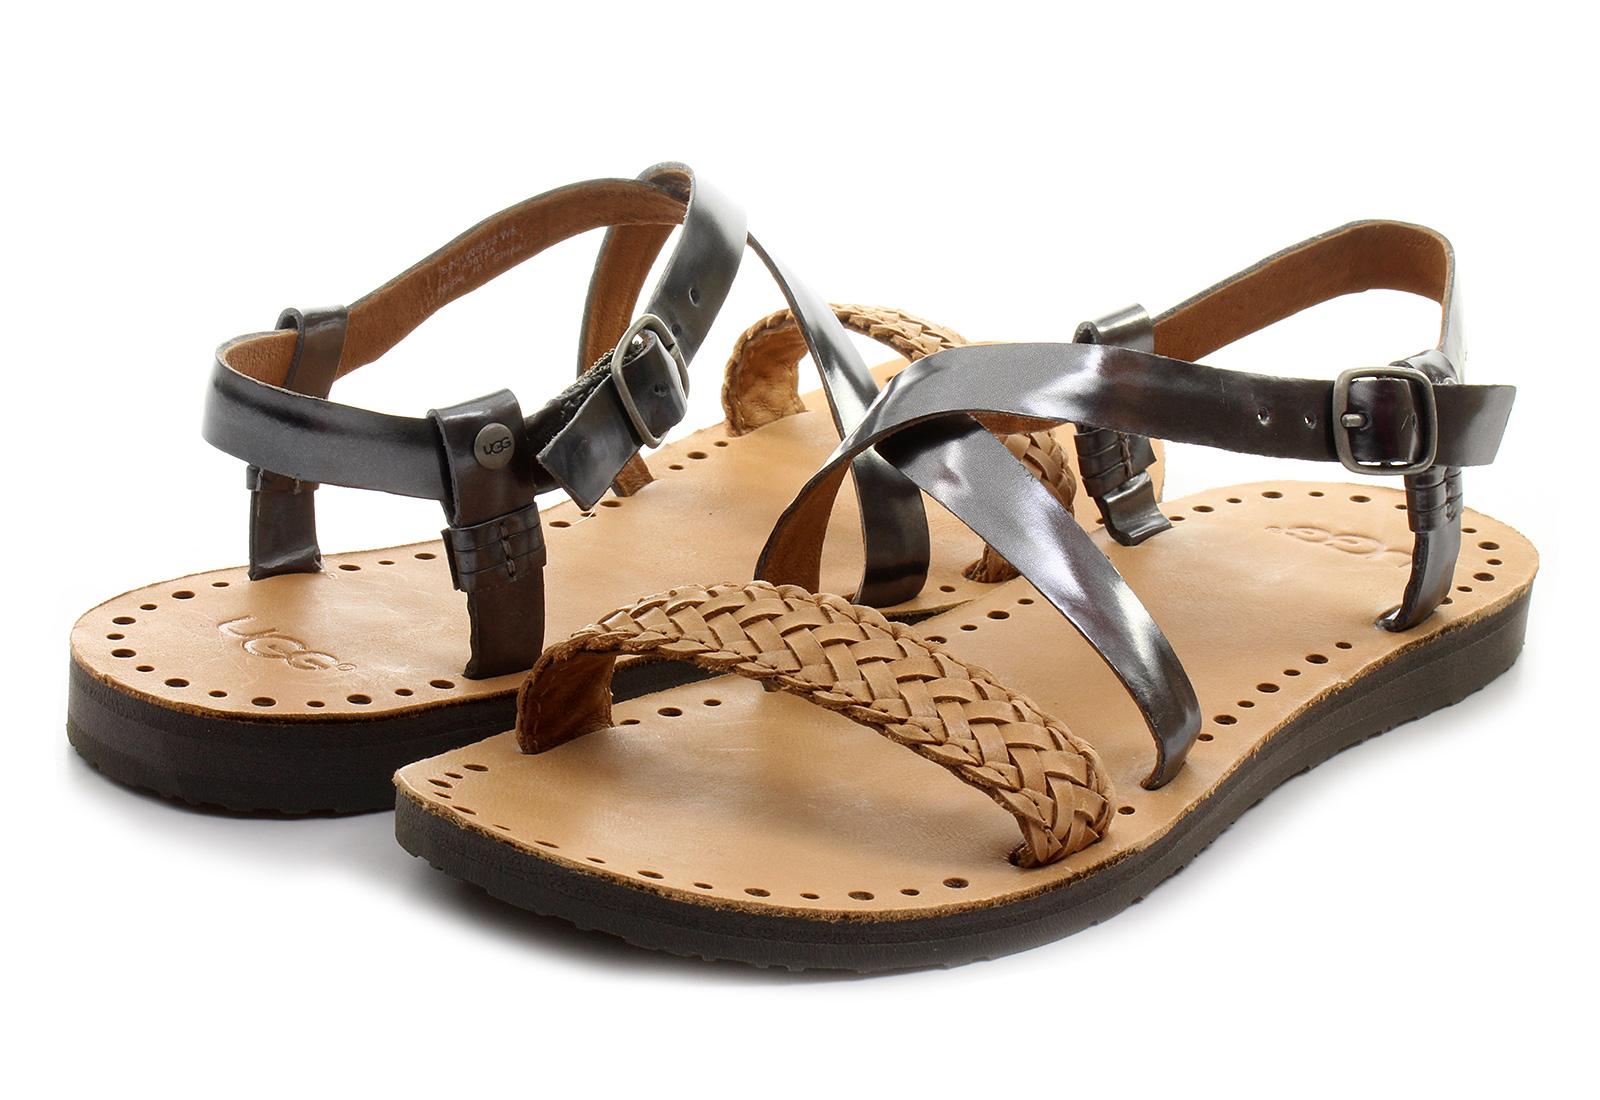 Ugg Sandals W Jordyne 1006872 Pew Online Shop For